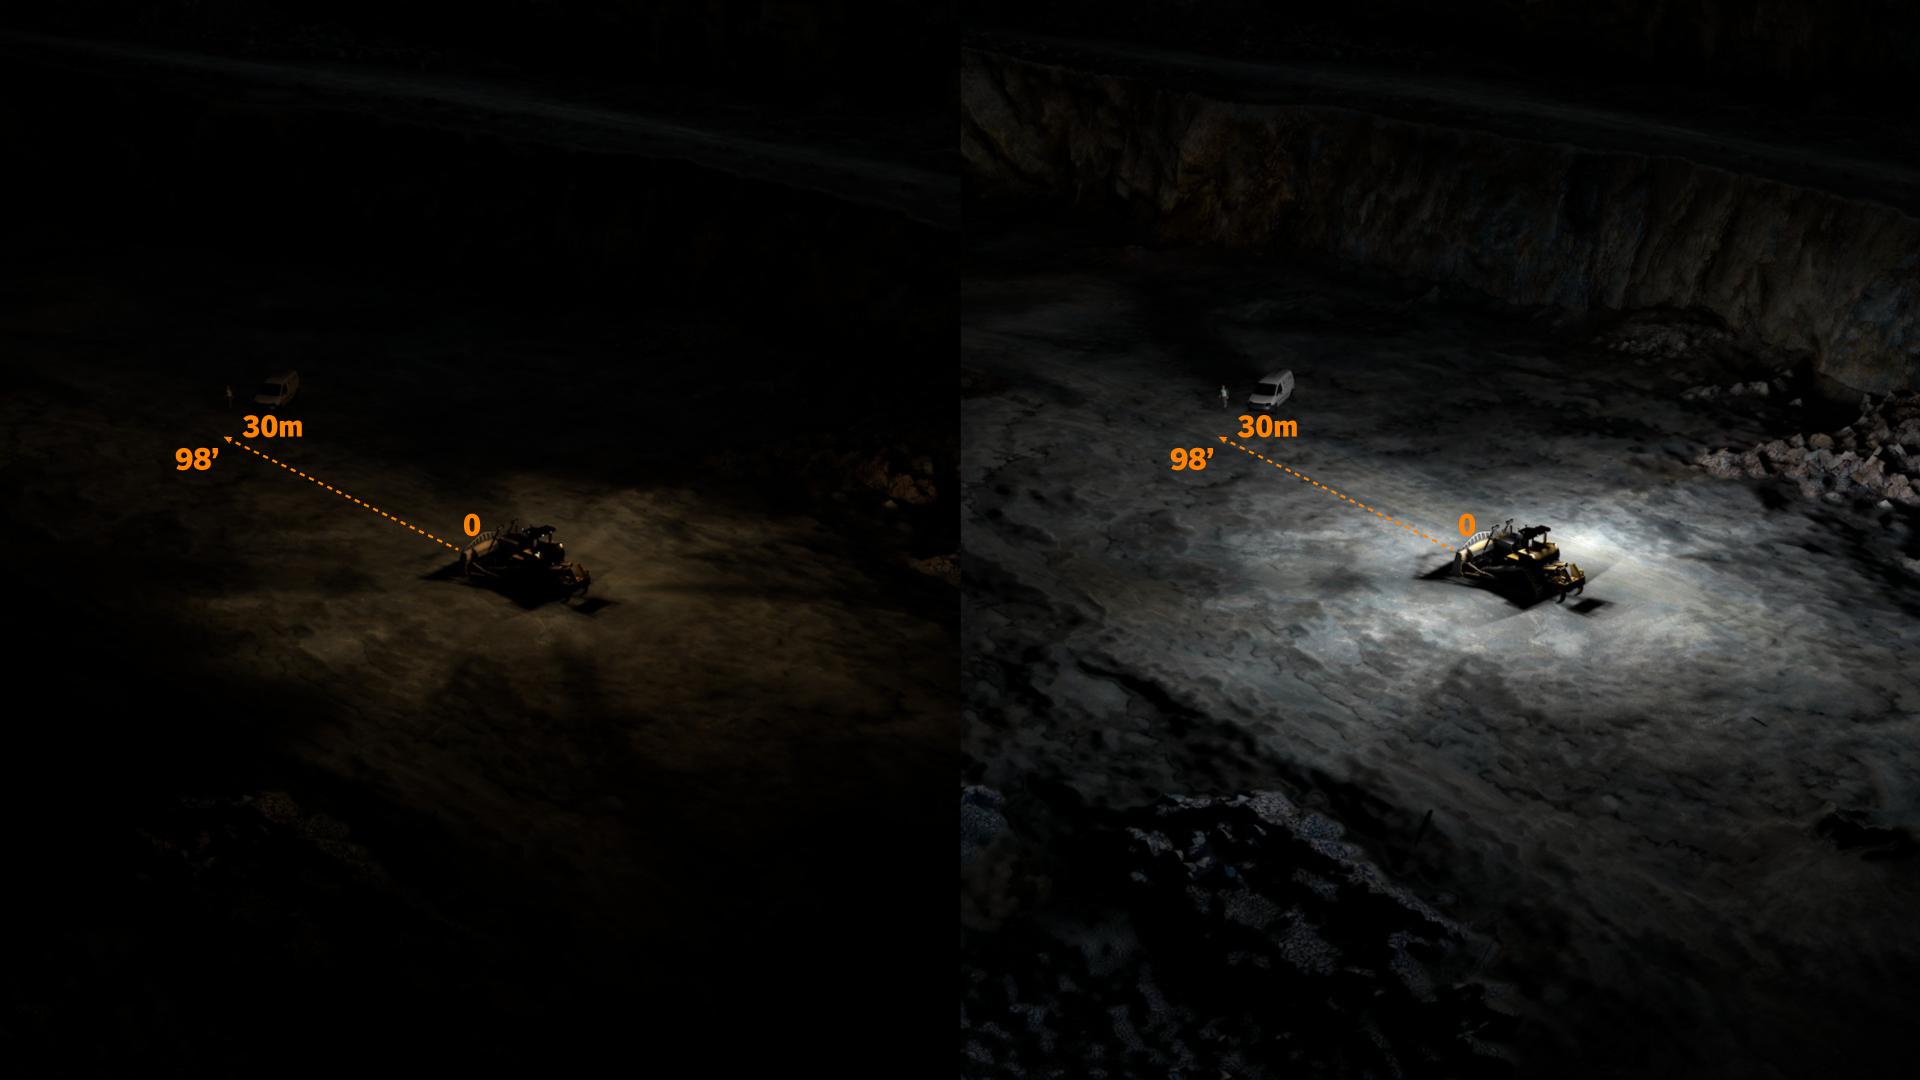 Simulated comparison of Nordic LED lights vs Halogen lights